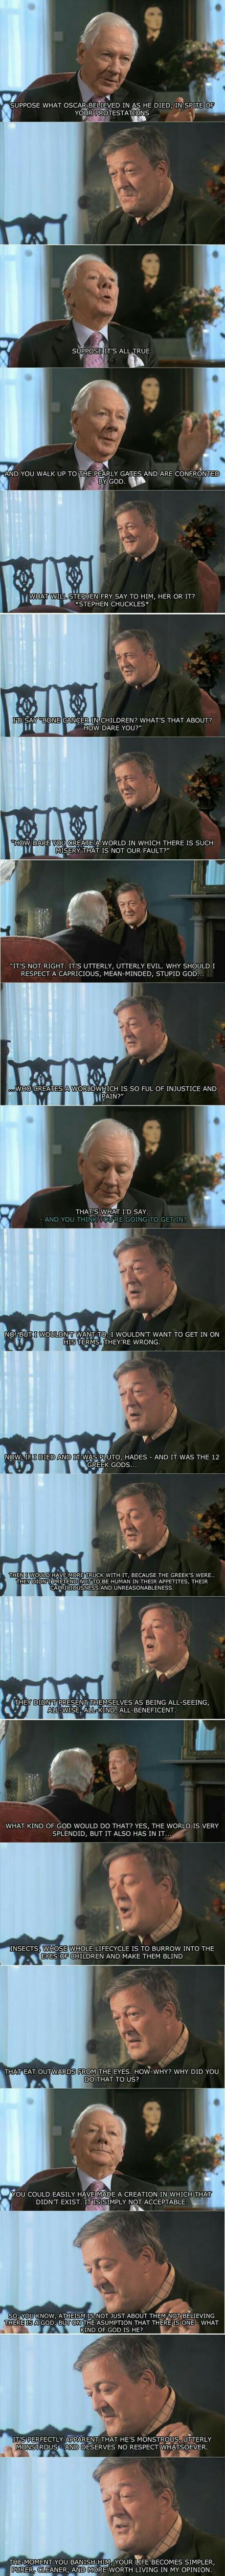 Stephen Fry über Gott, den Himmel und die zweifelhafte Moral eines Gottes, der diese Welt geschaffen hat